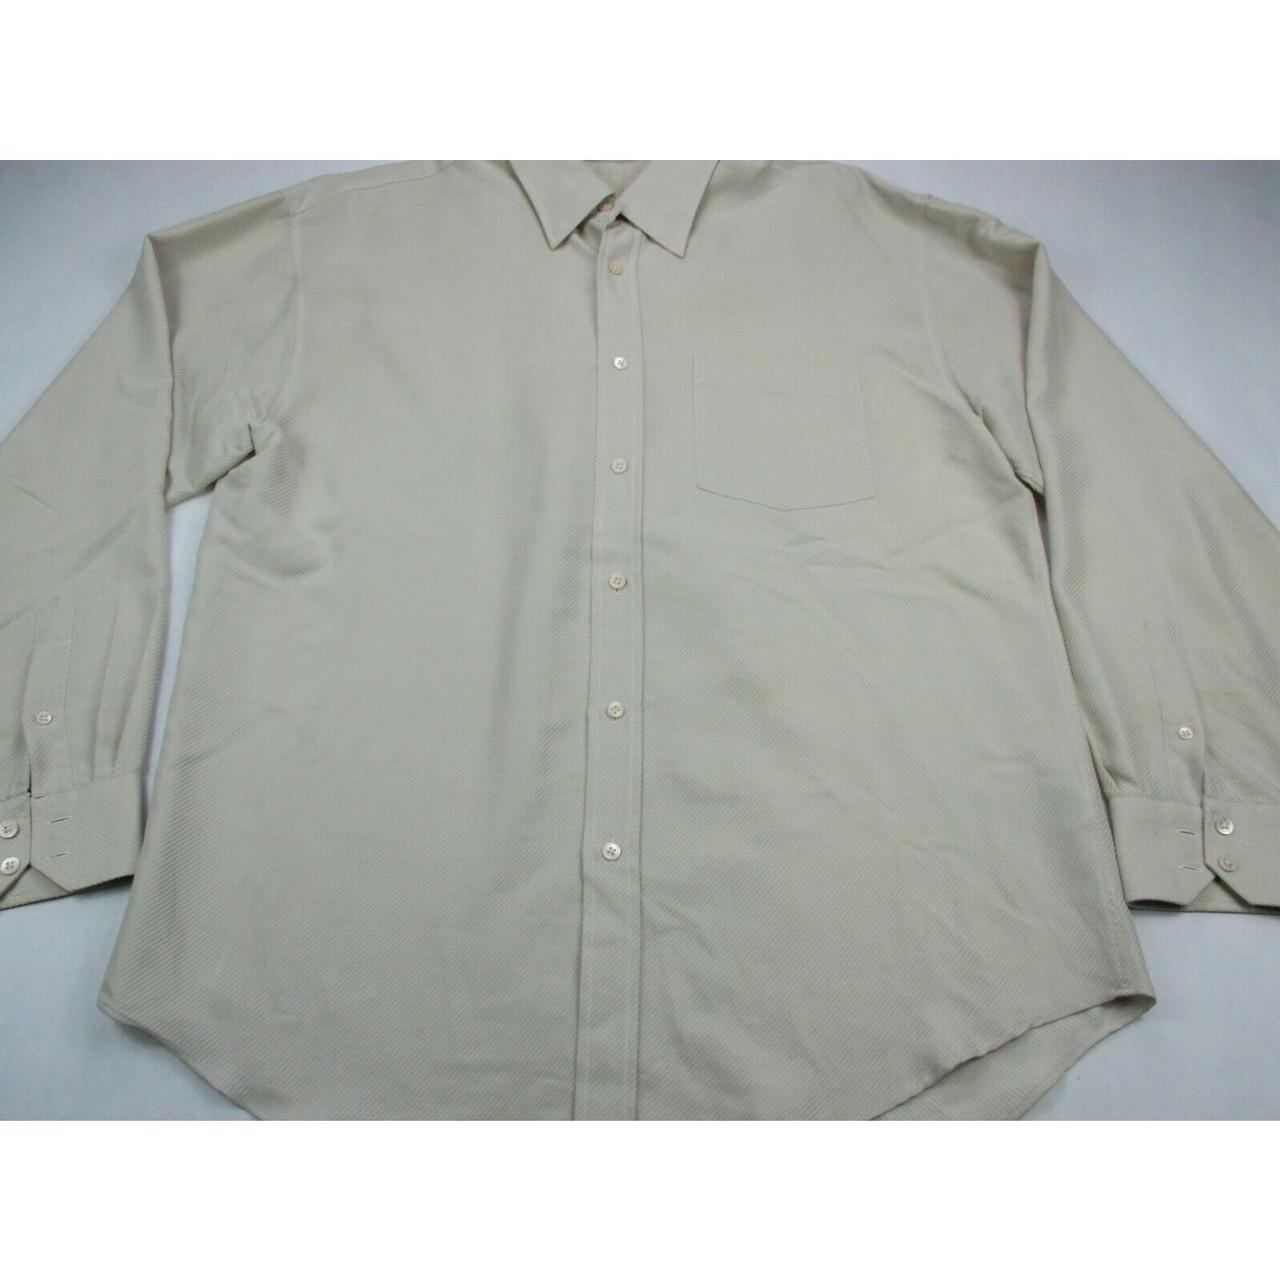 Product Image 1 - Bugatchi Shirt Mens Extra Large